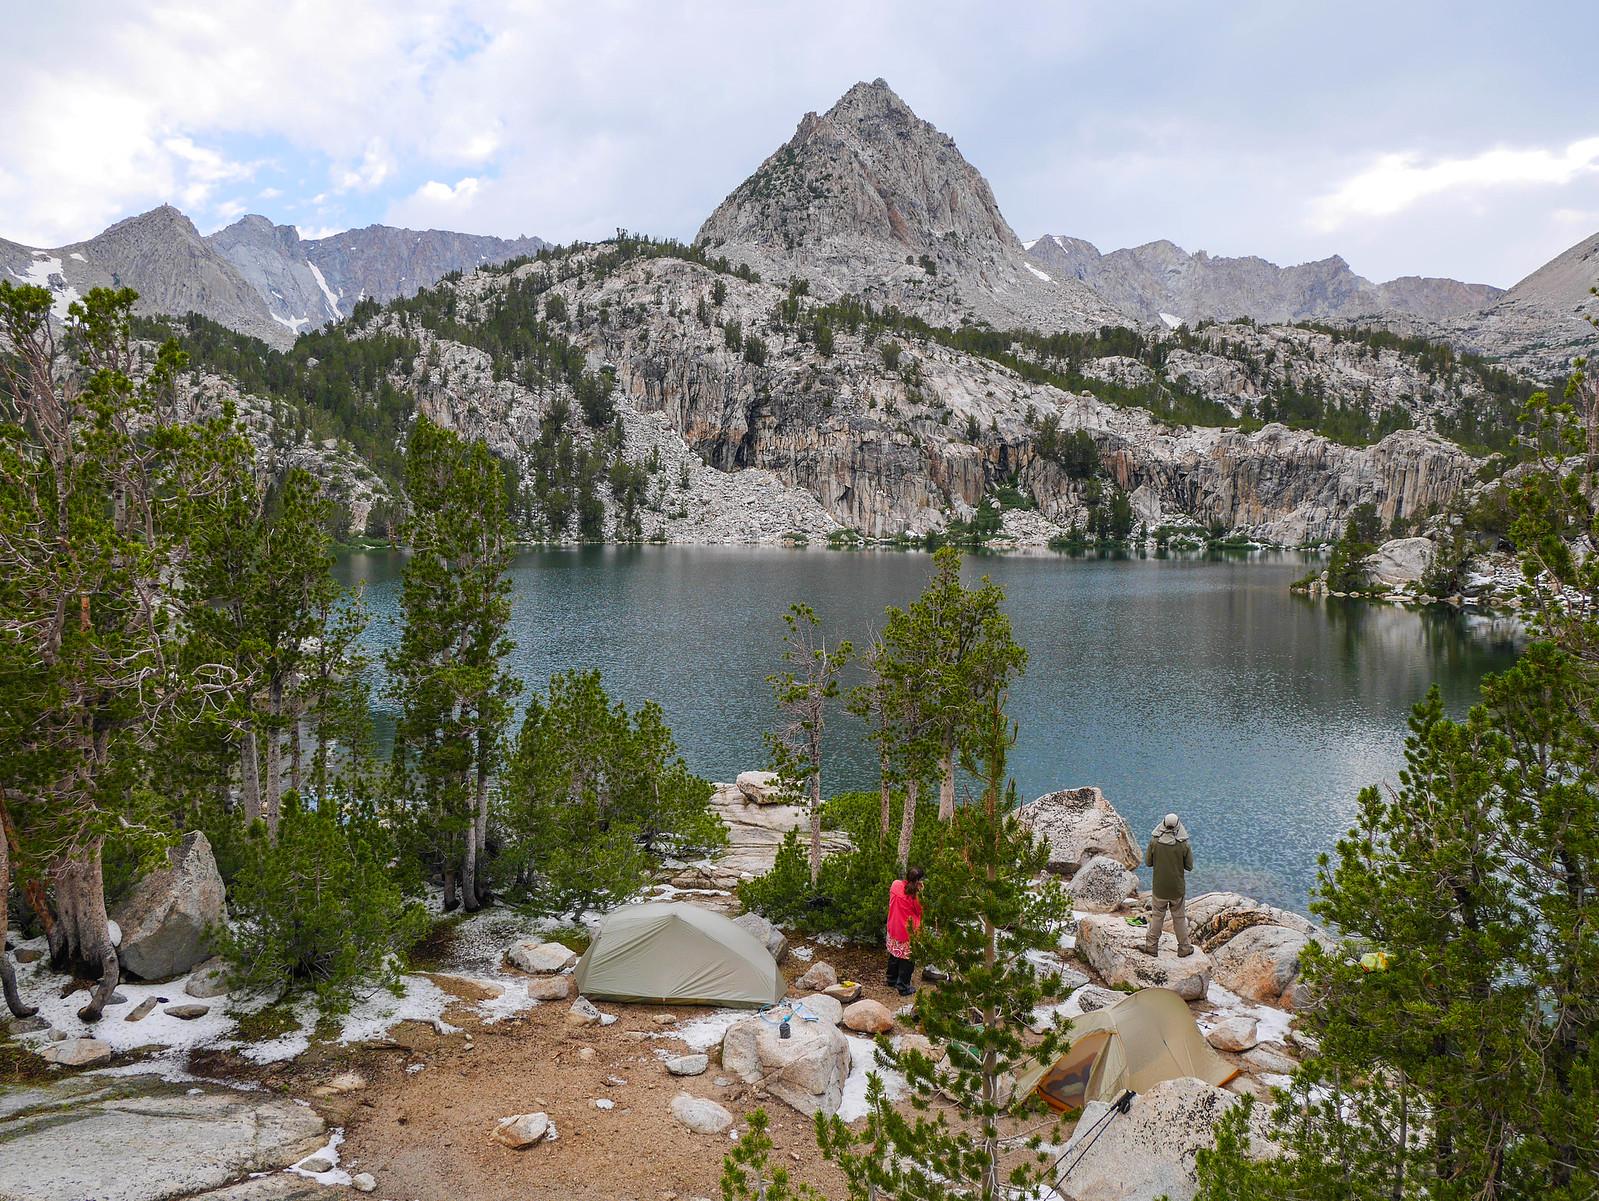 Camp at Lower Lamarck Lake